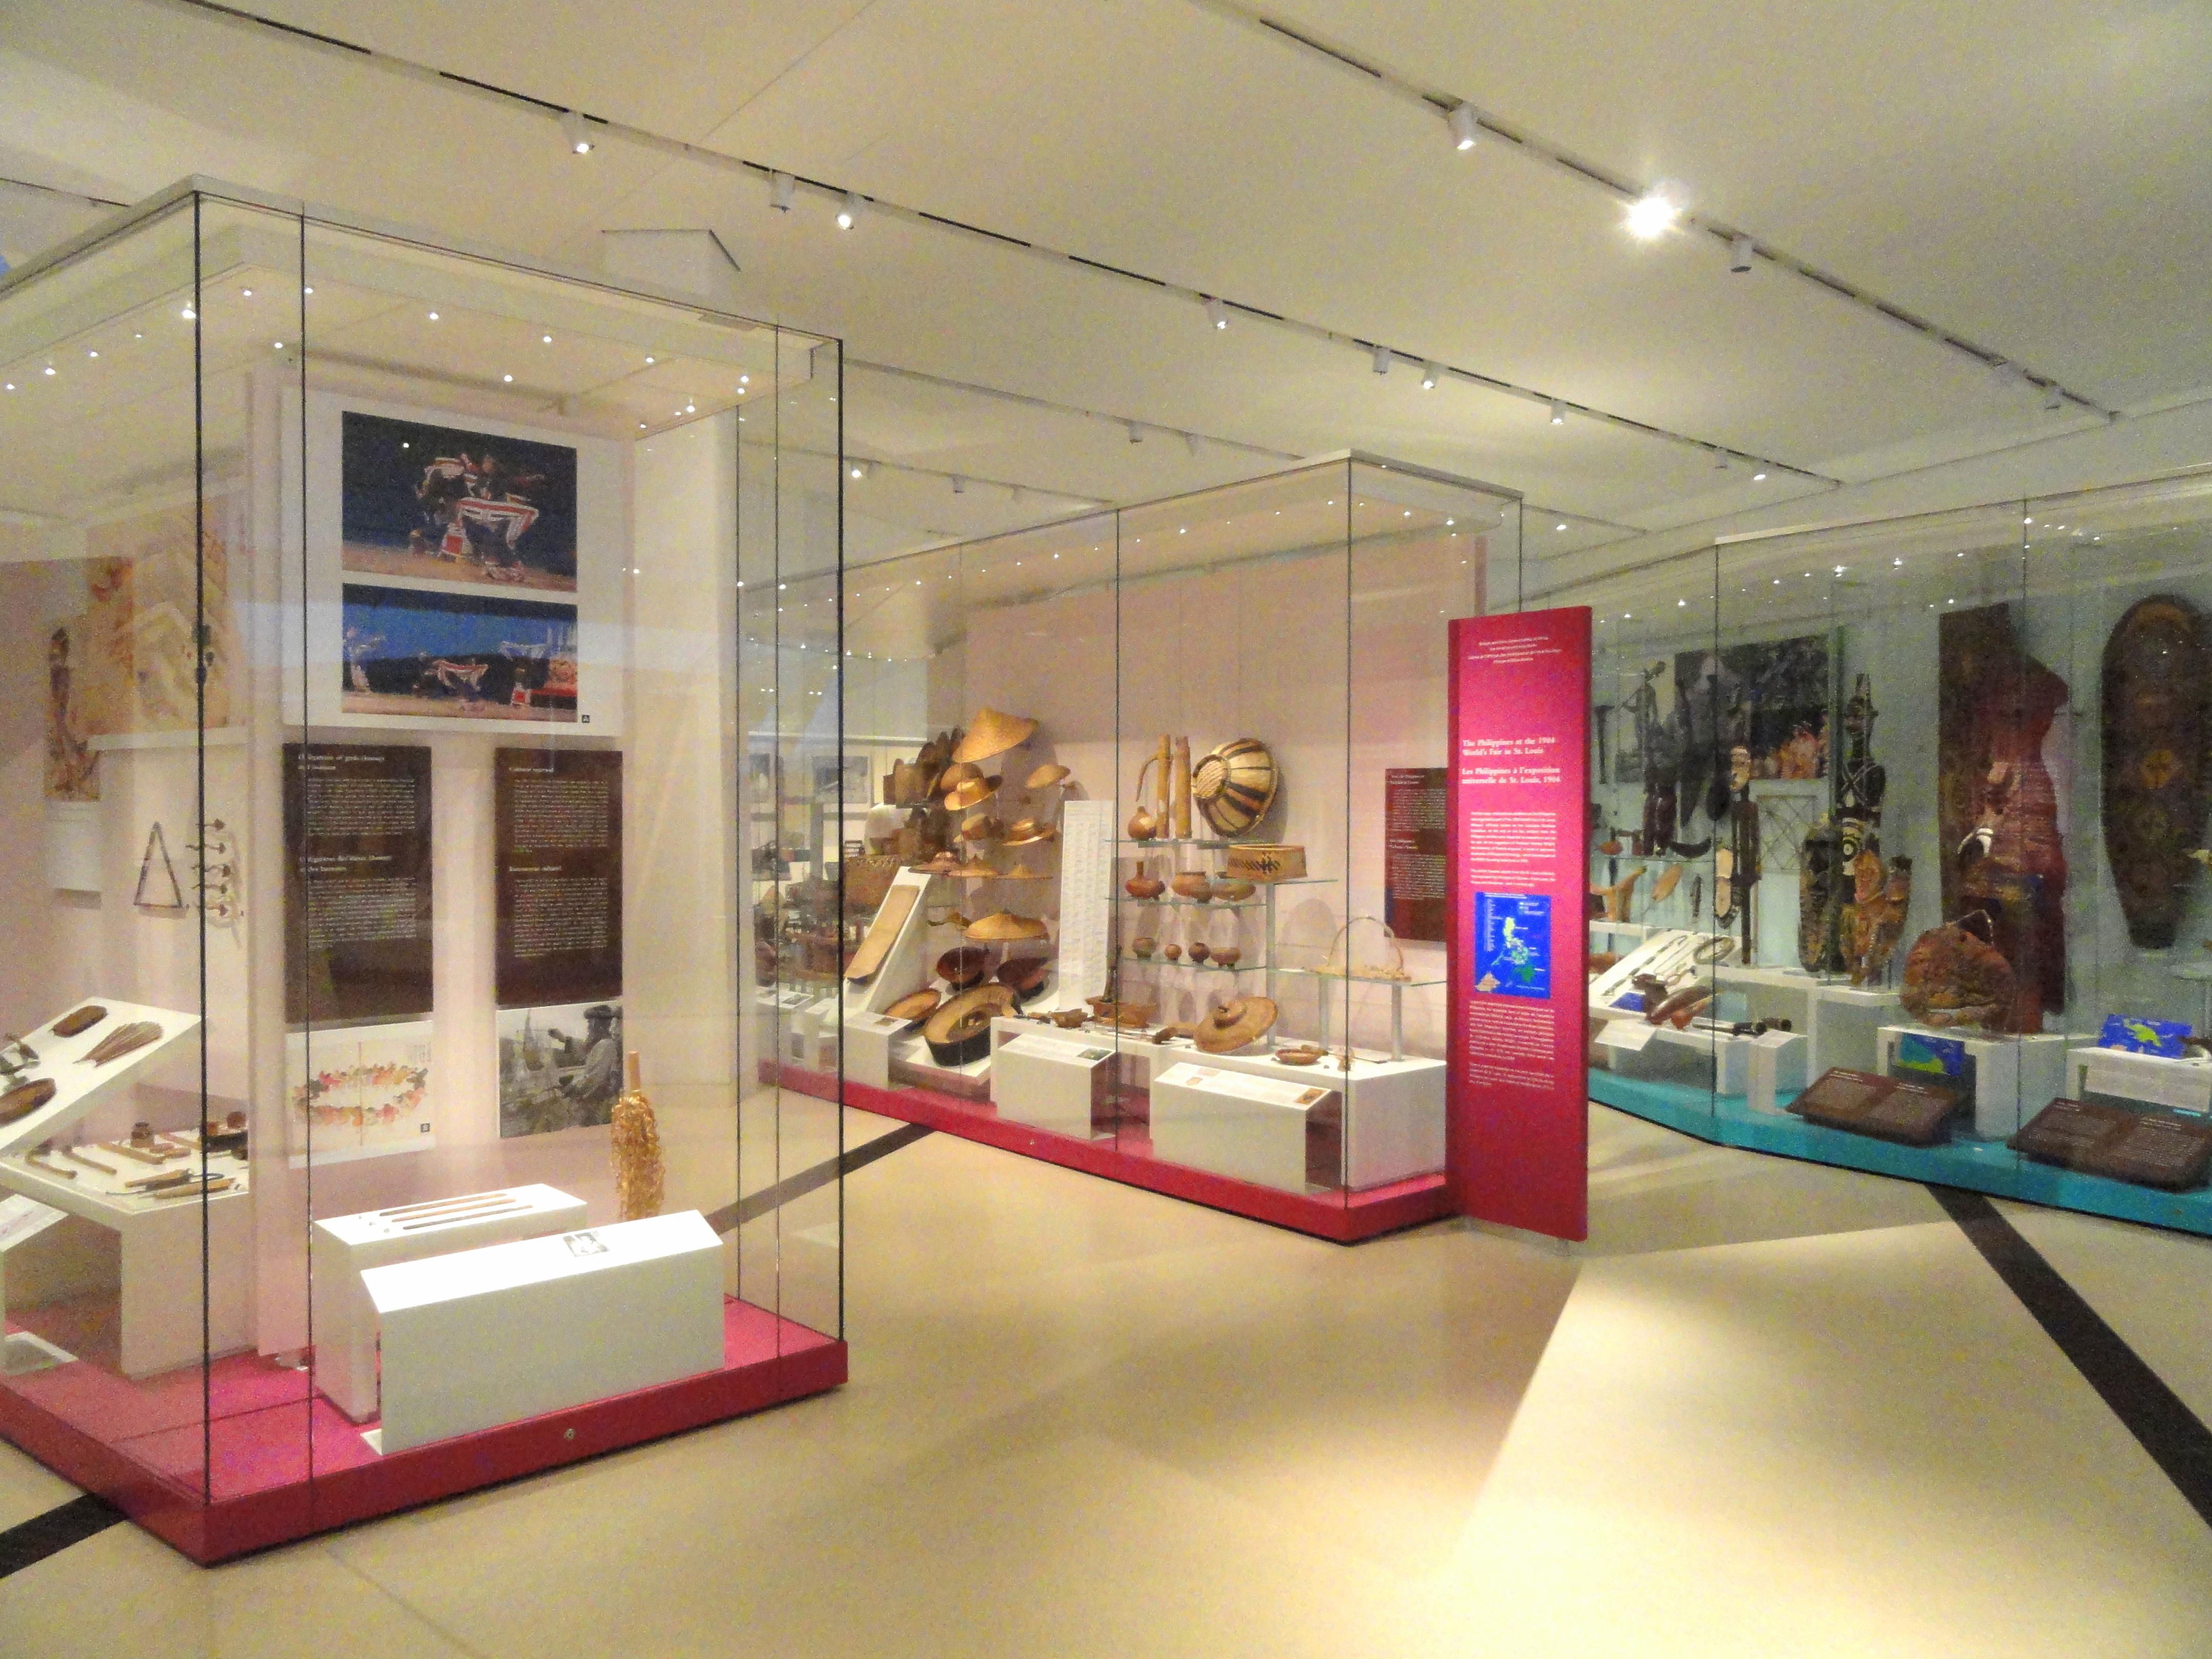 Incroyable File:Ajmera Gallery Interior   Royal Ontario Museum   DSC09556.JPG